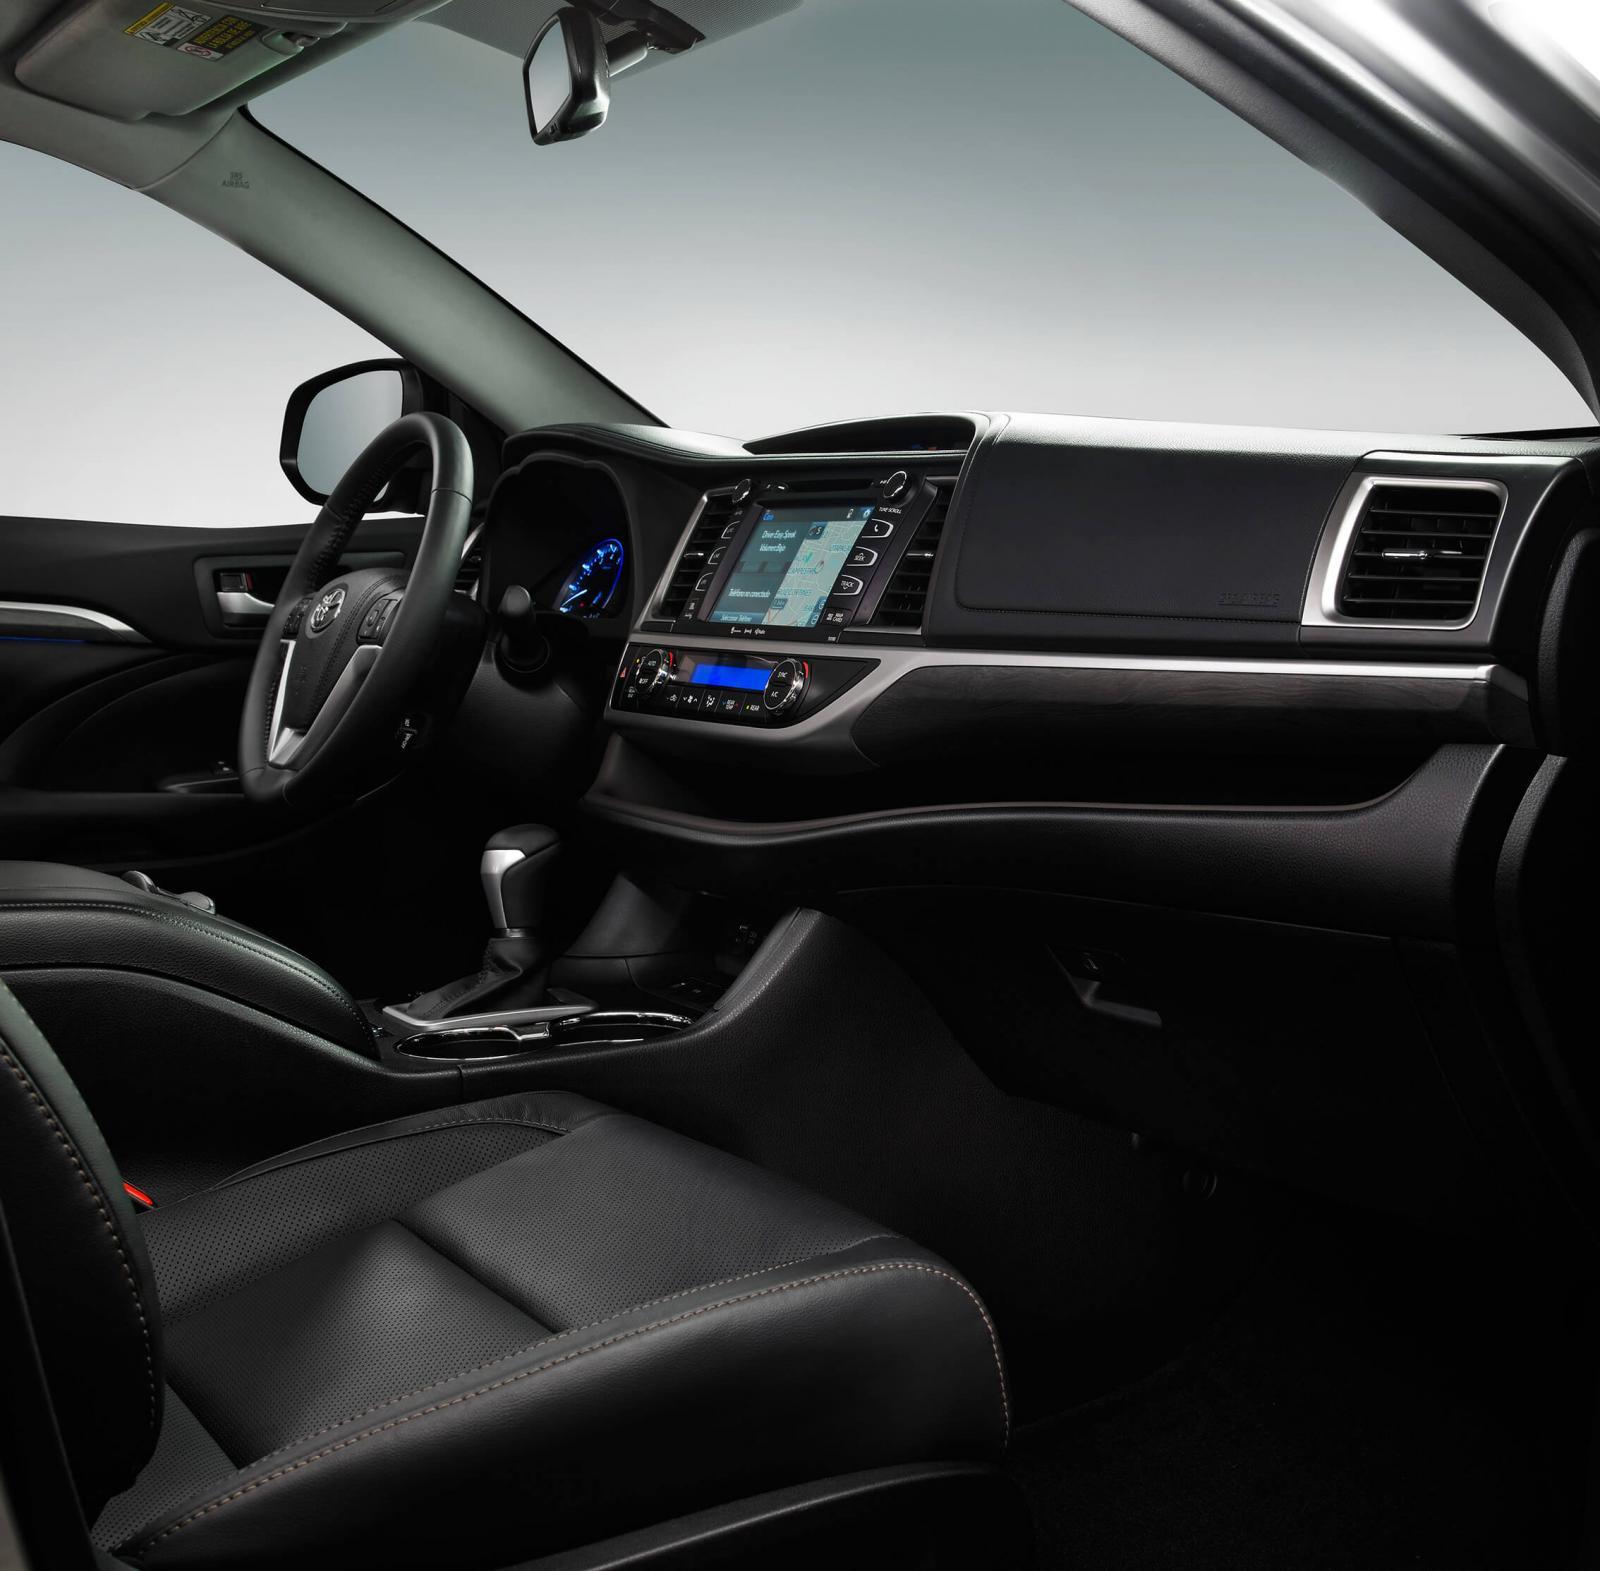 La cabina de la Toyota Highlander Limited BR 2019 es muy amplia y confortable